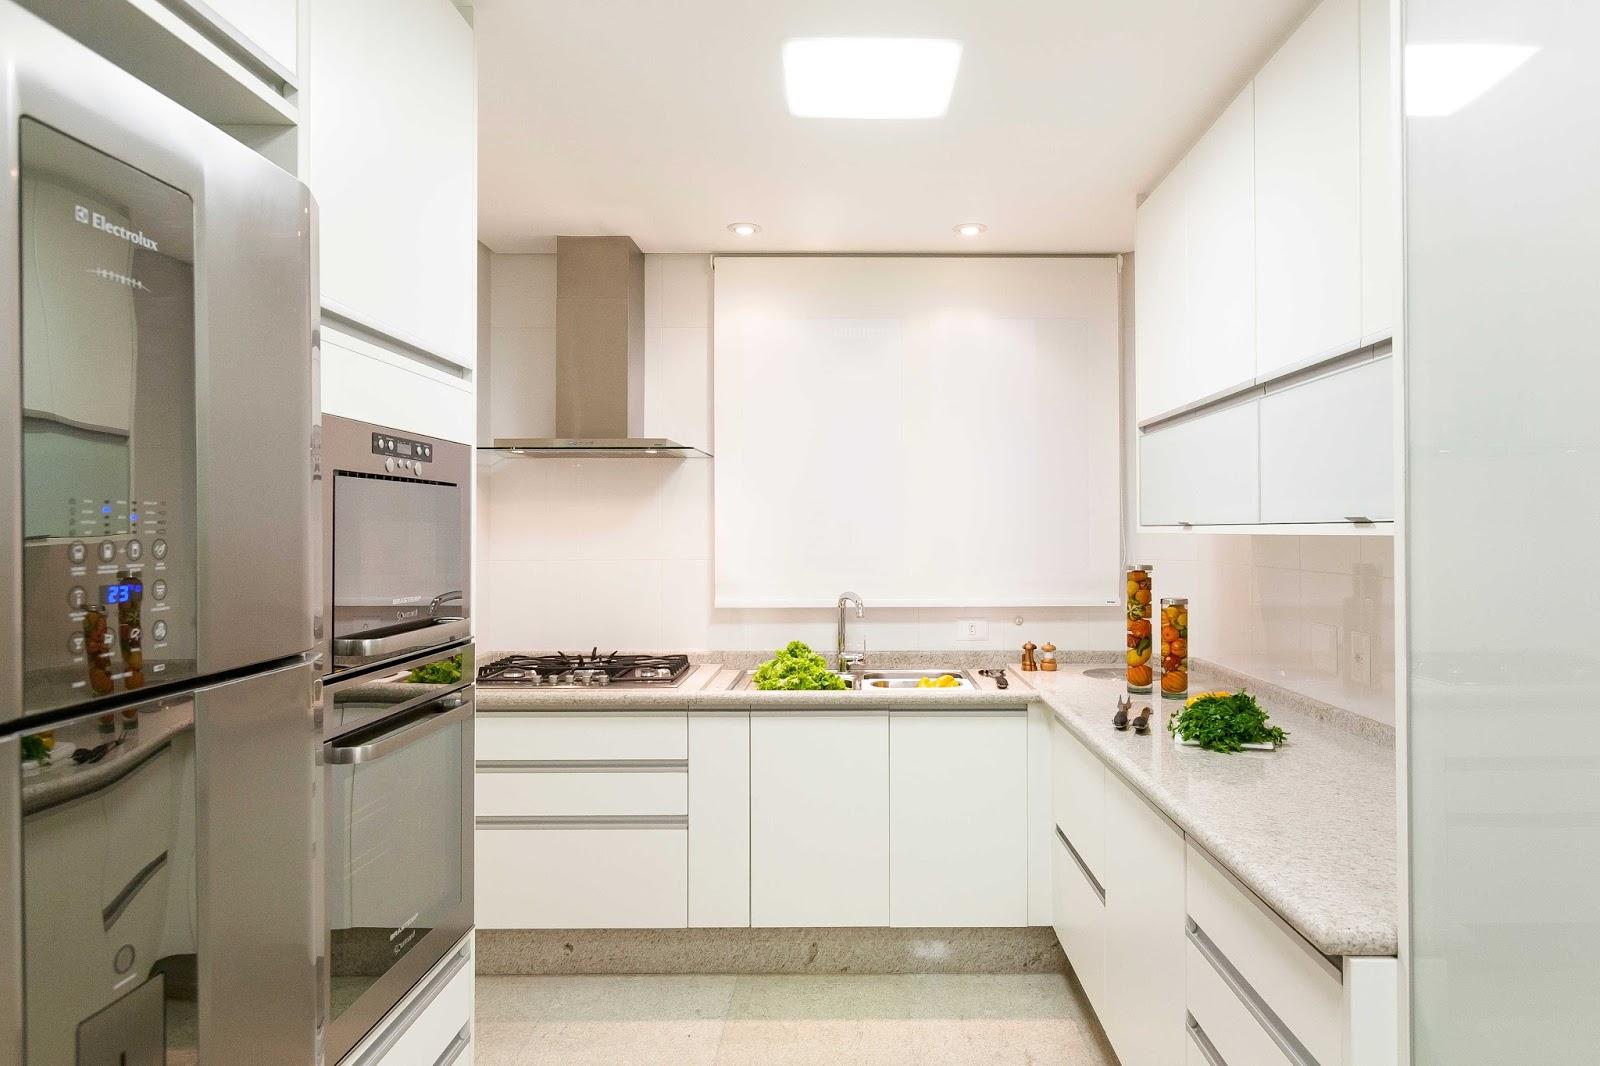 Cozinha com bancadas da cuba e de preparo de granito branco itaúnas #AD6E1E 1600 1066